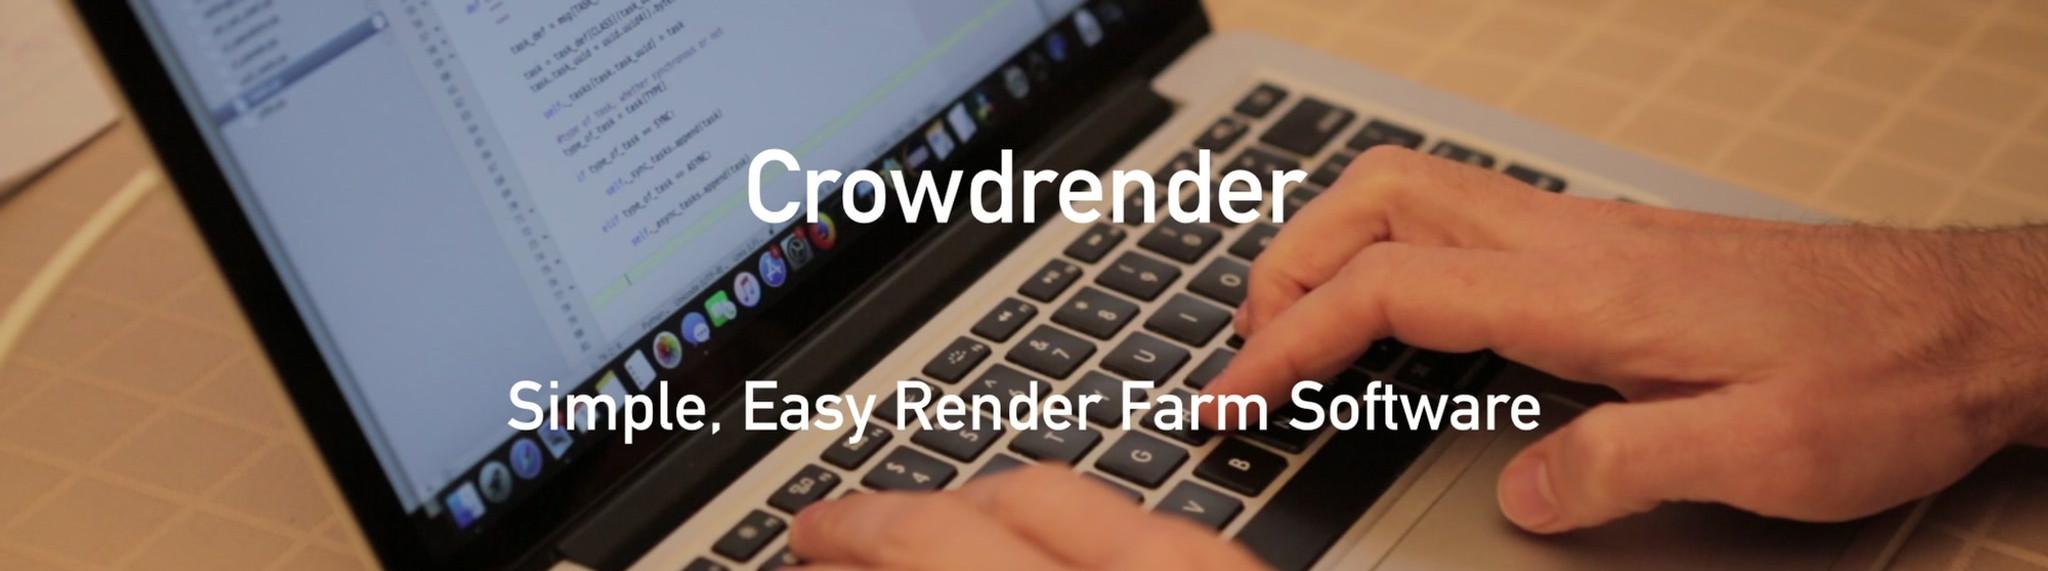 Render Farm Software | CrowdRender